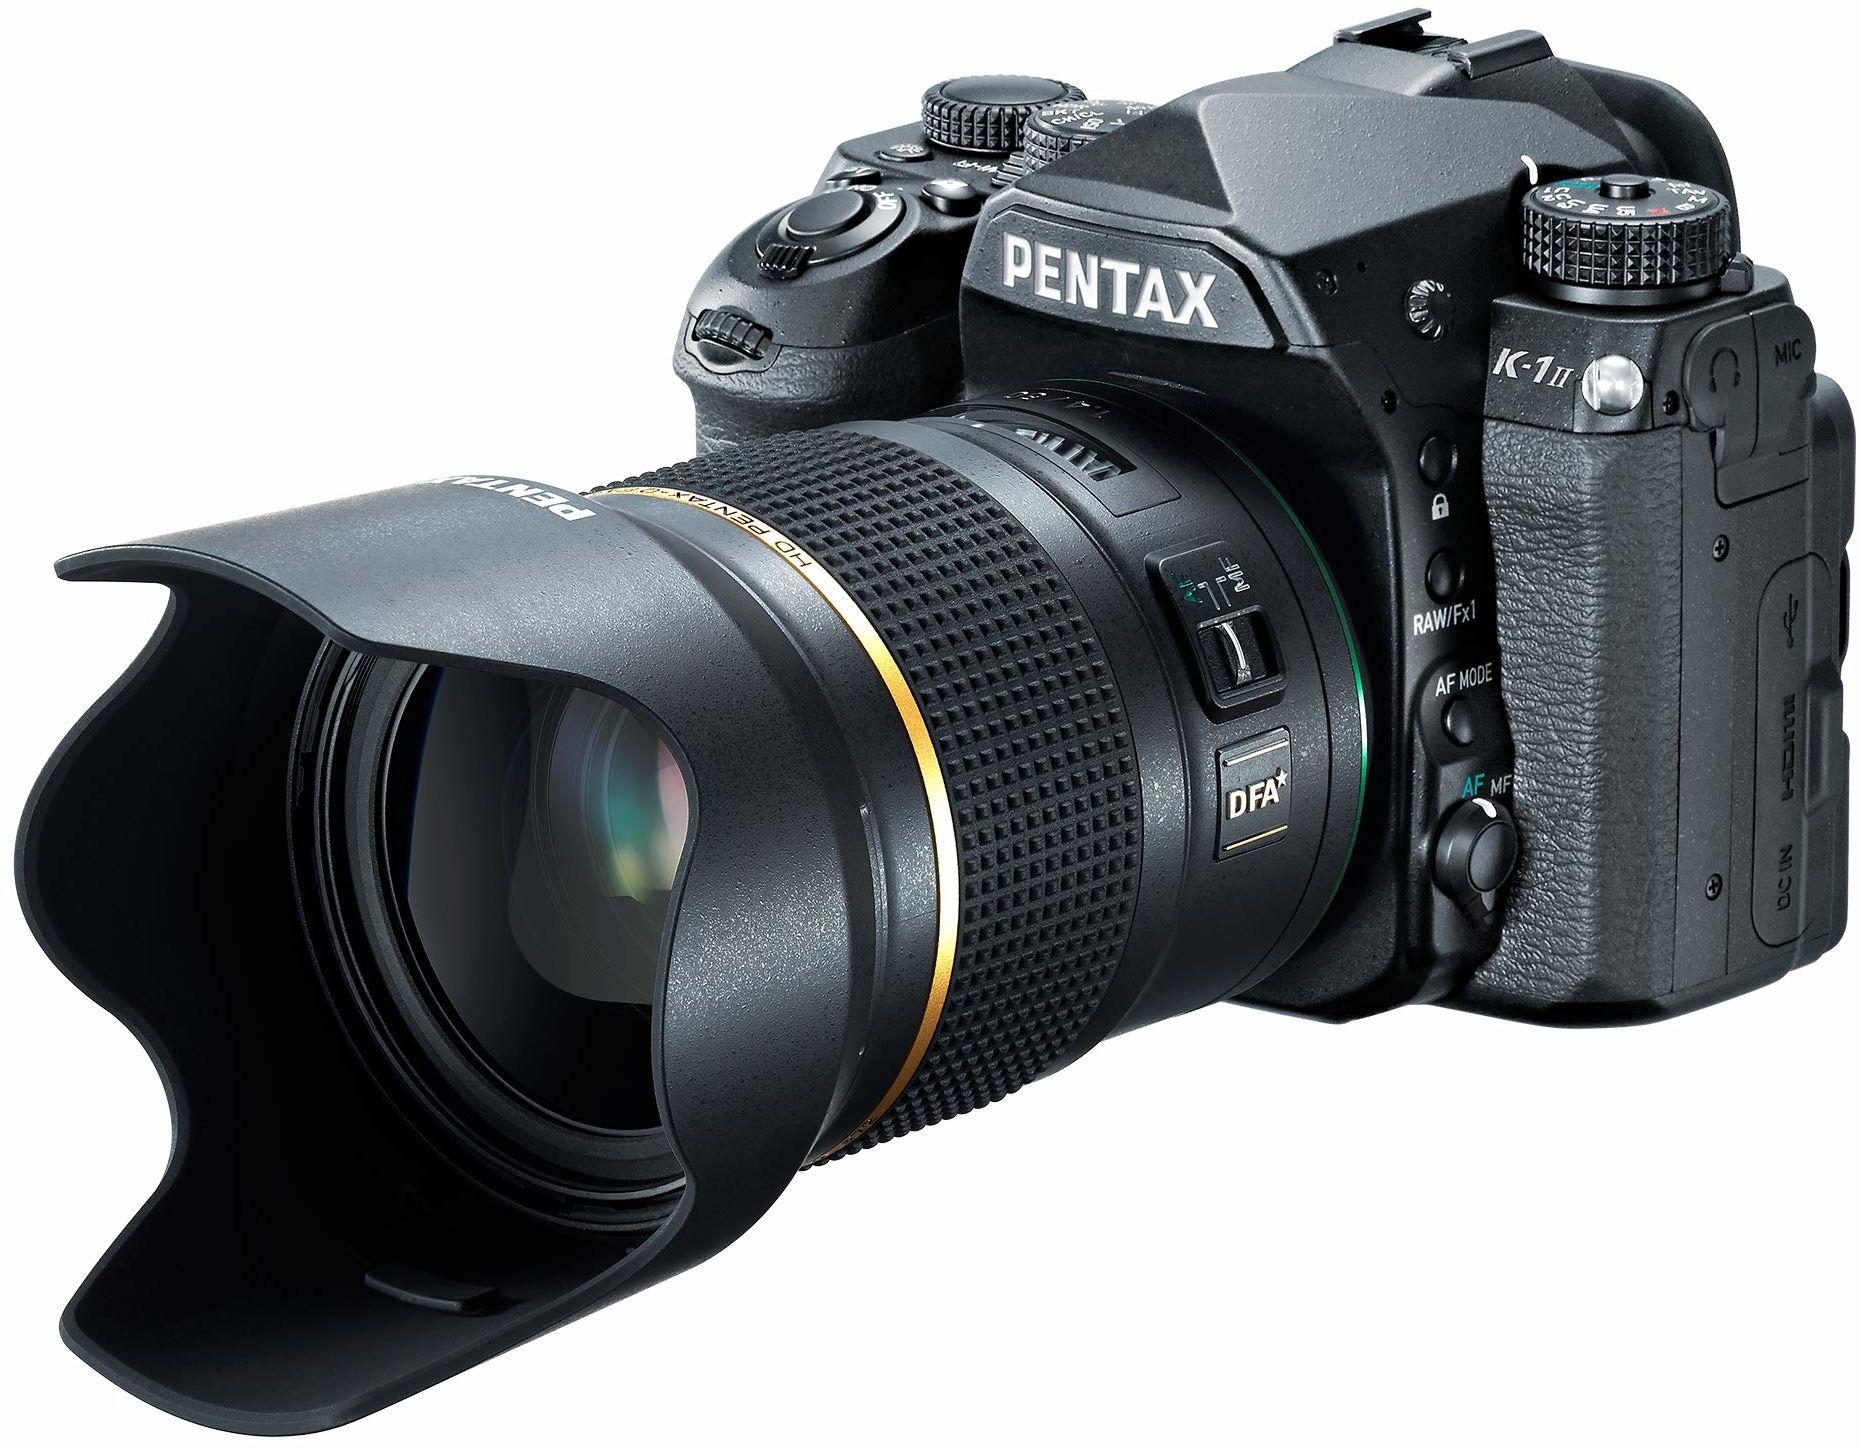 Pentax K-1 Mark II + D FA x 50 mm / 1,4